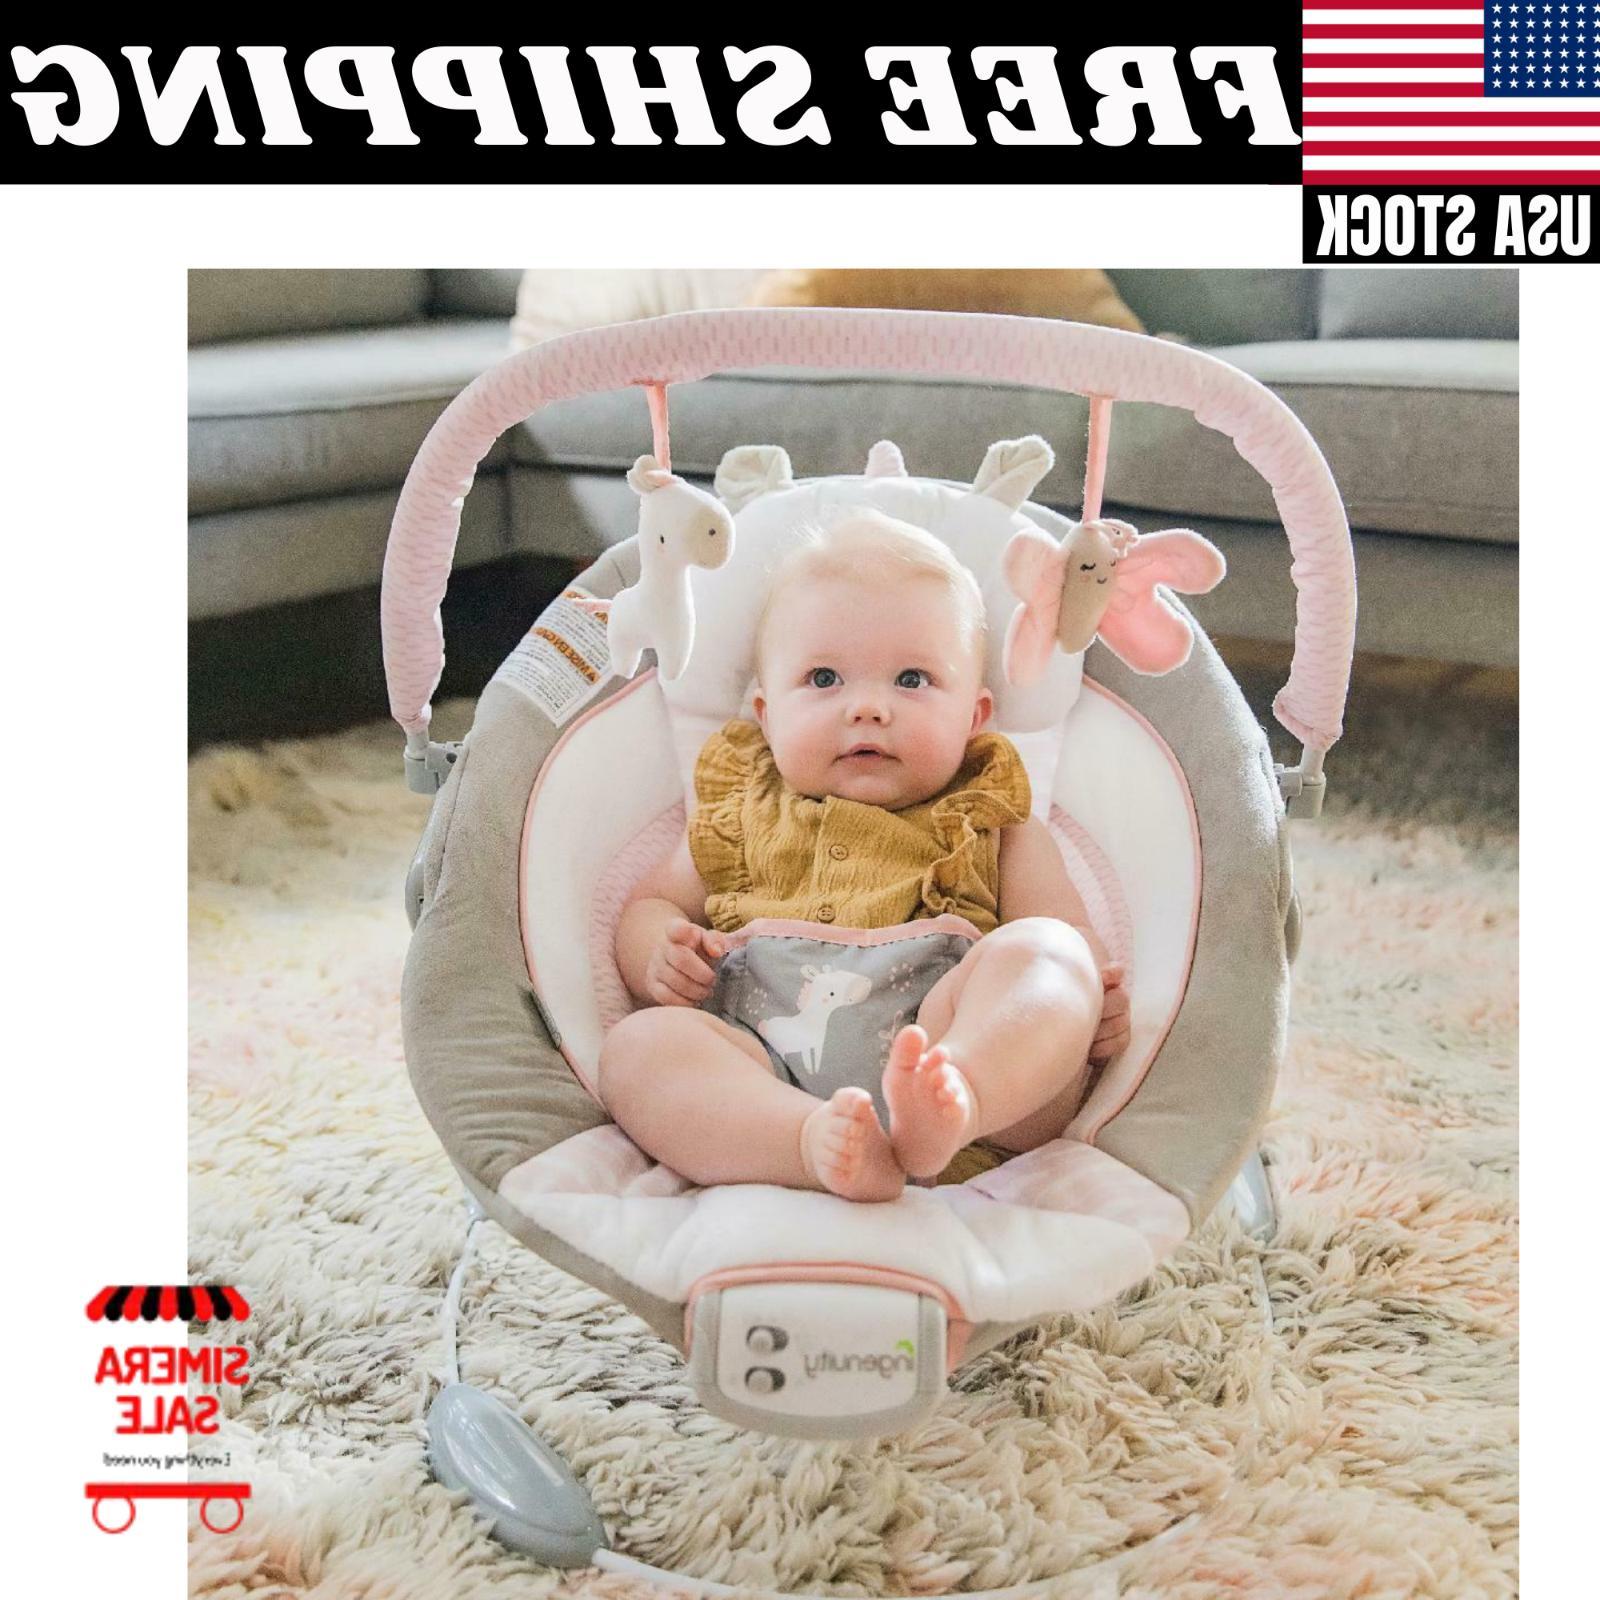 Cradling Infant